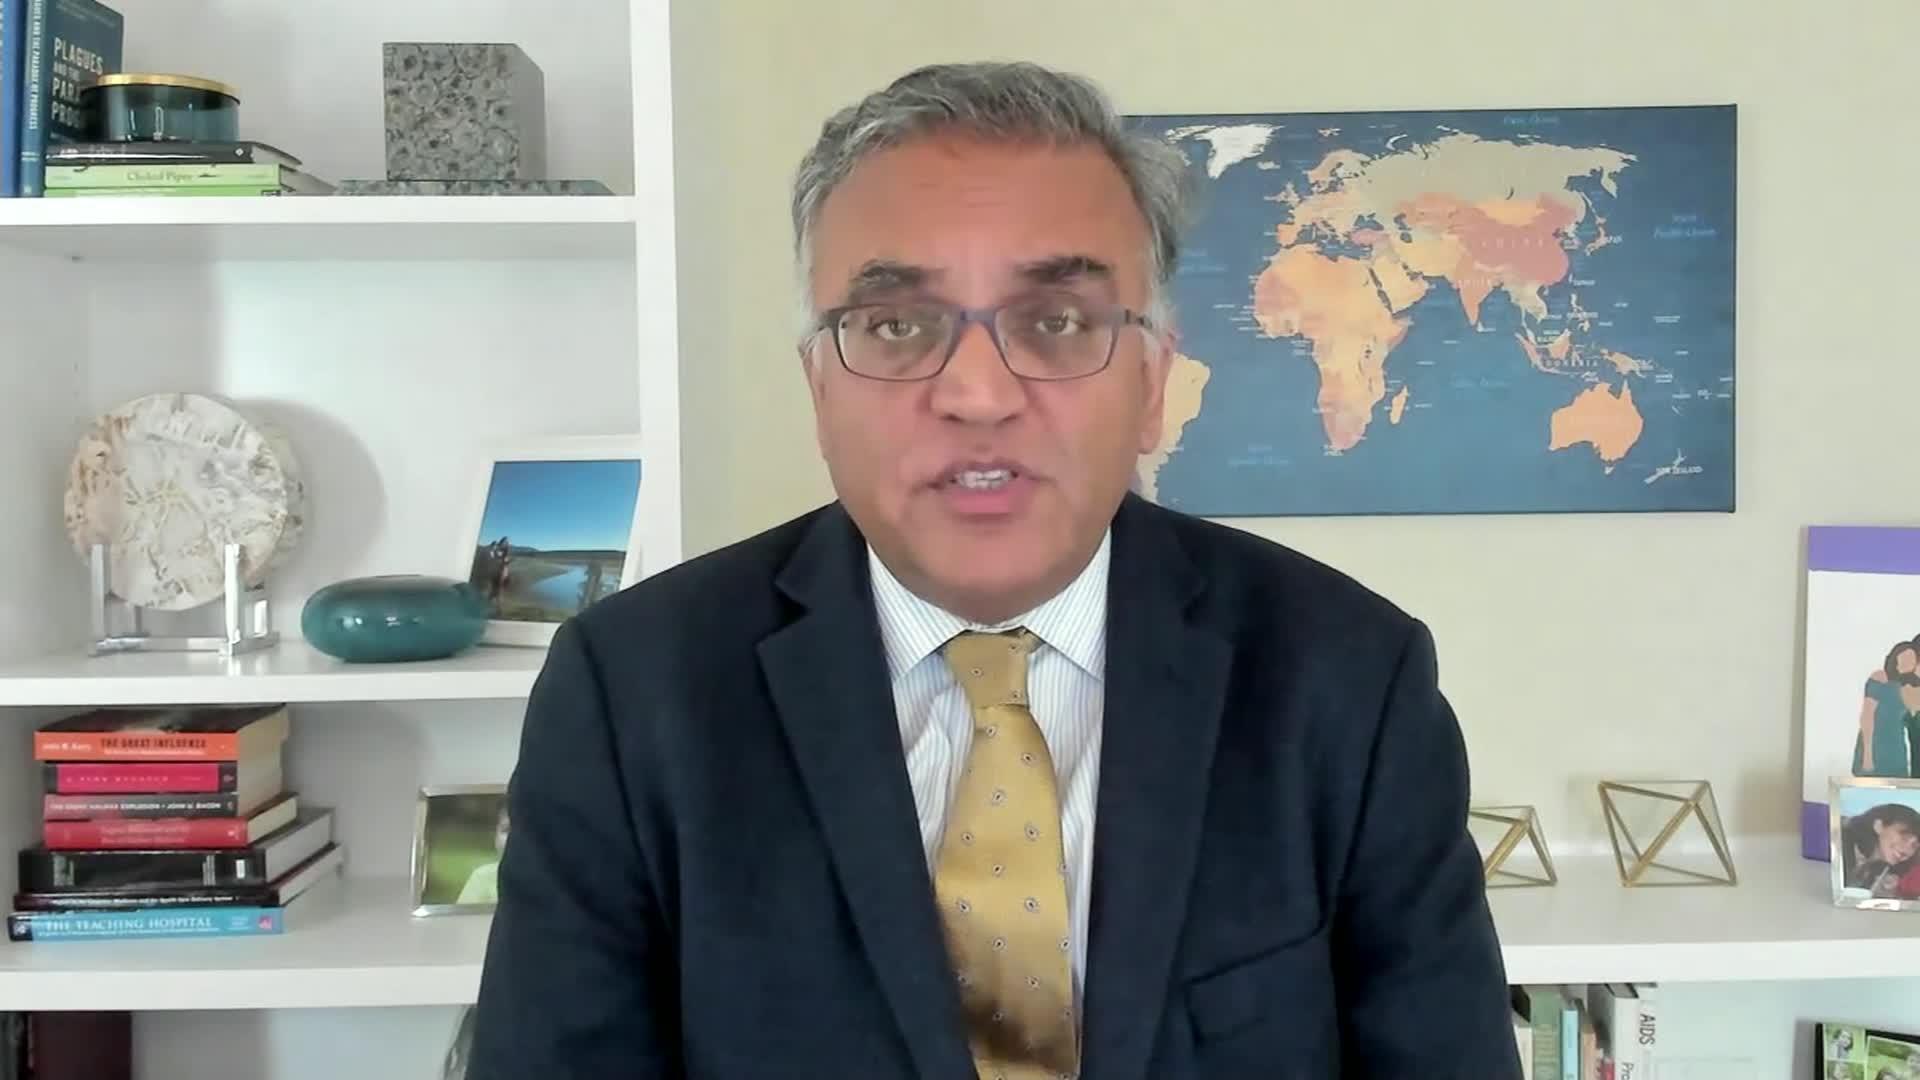 Dr. Ashish Jha.